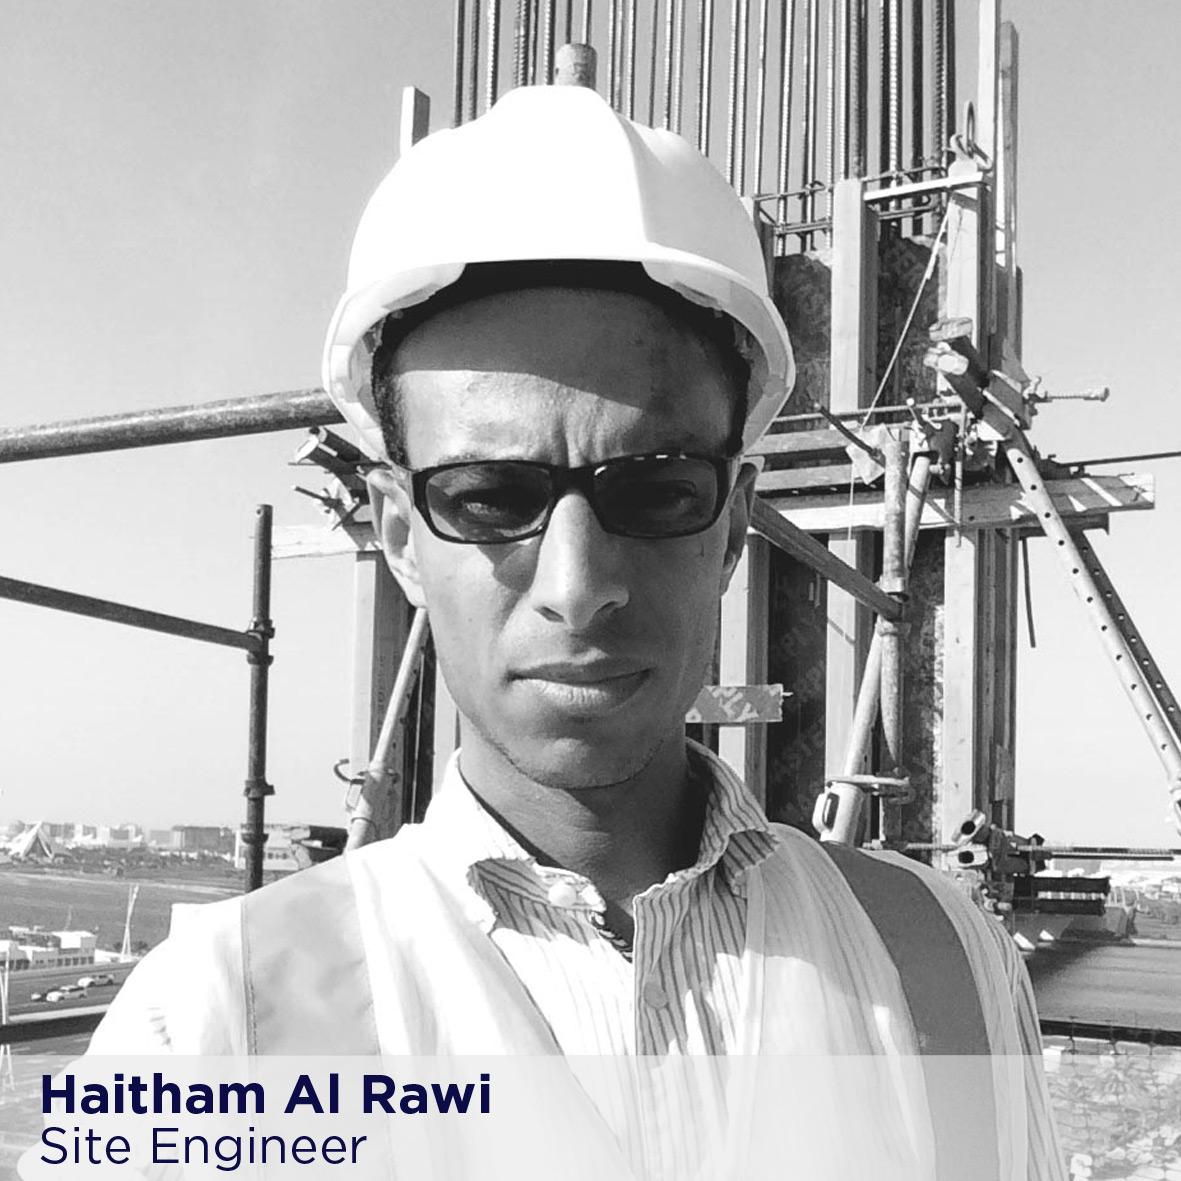 Haitham Al Rawi